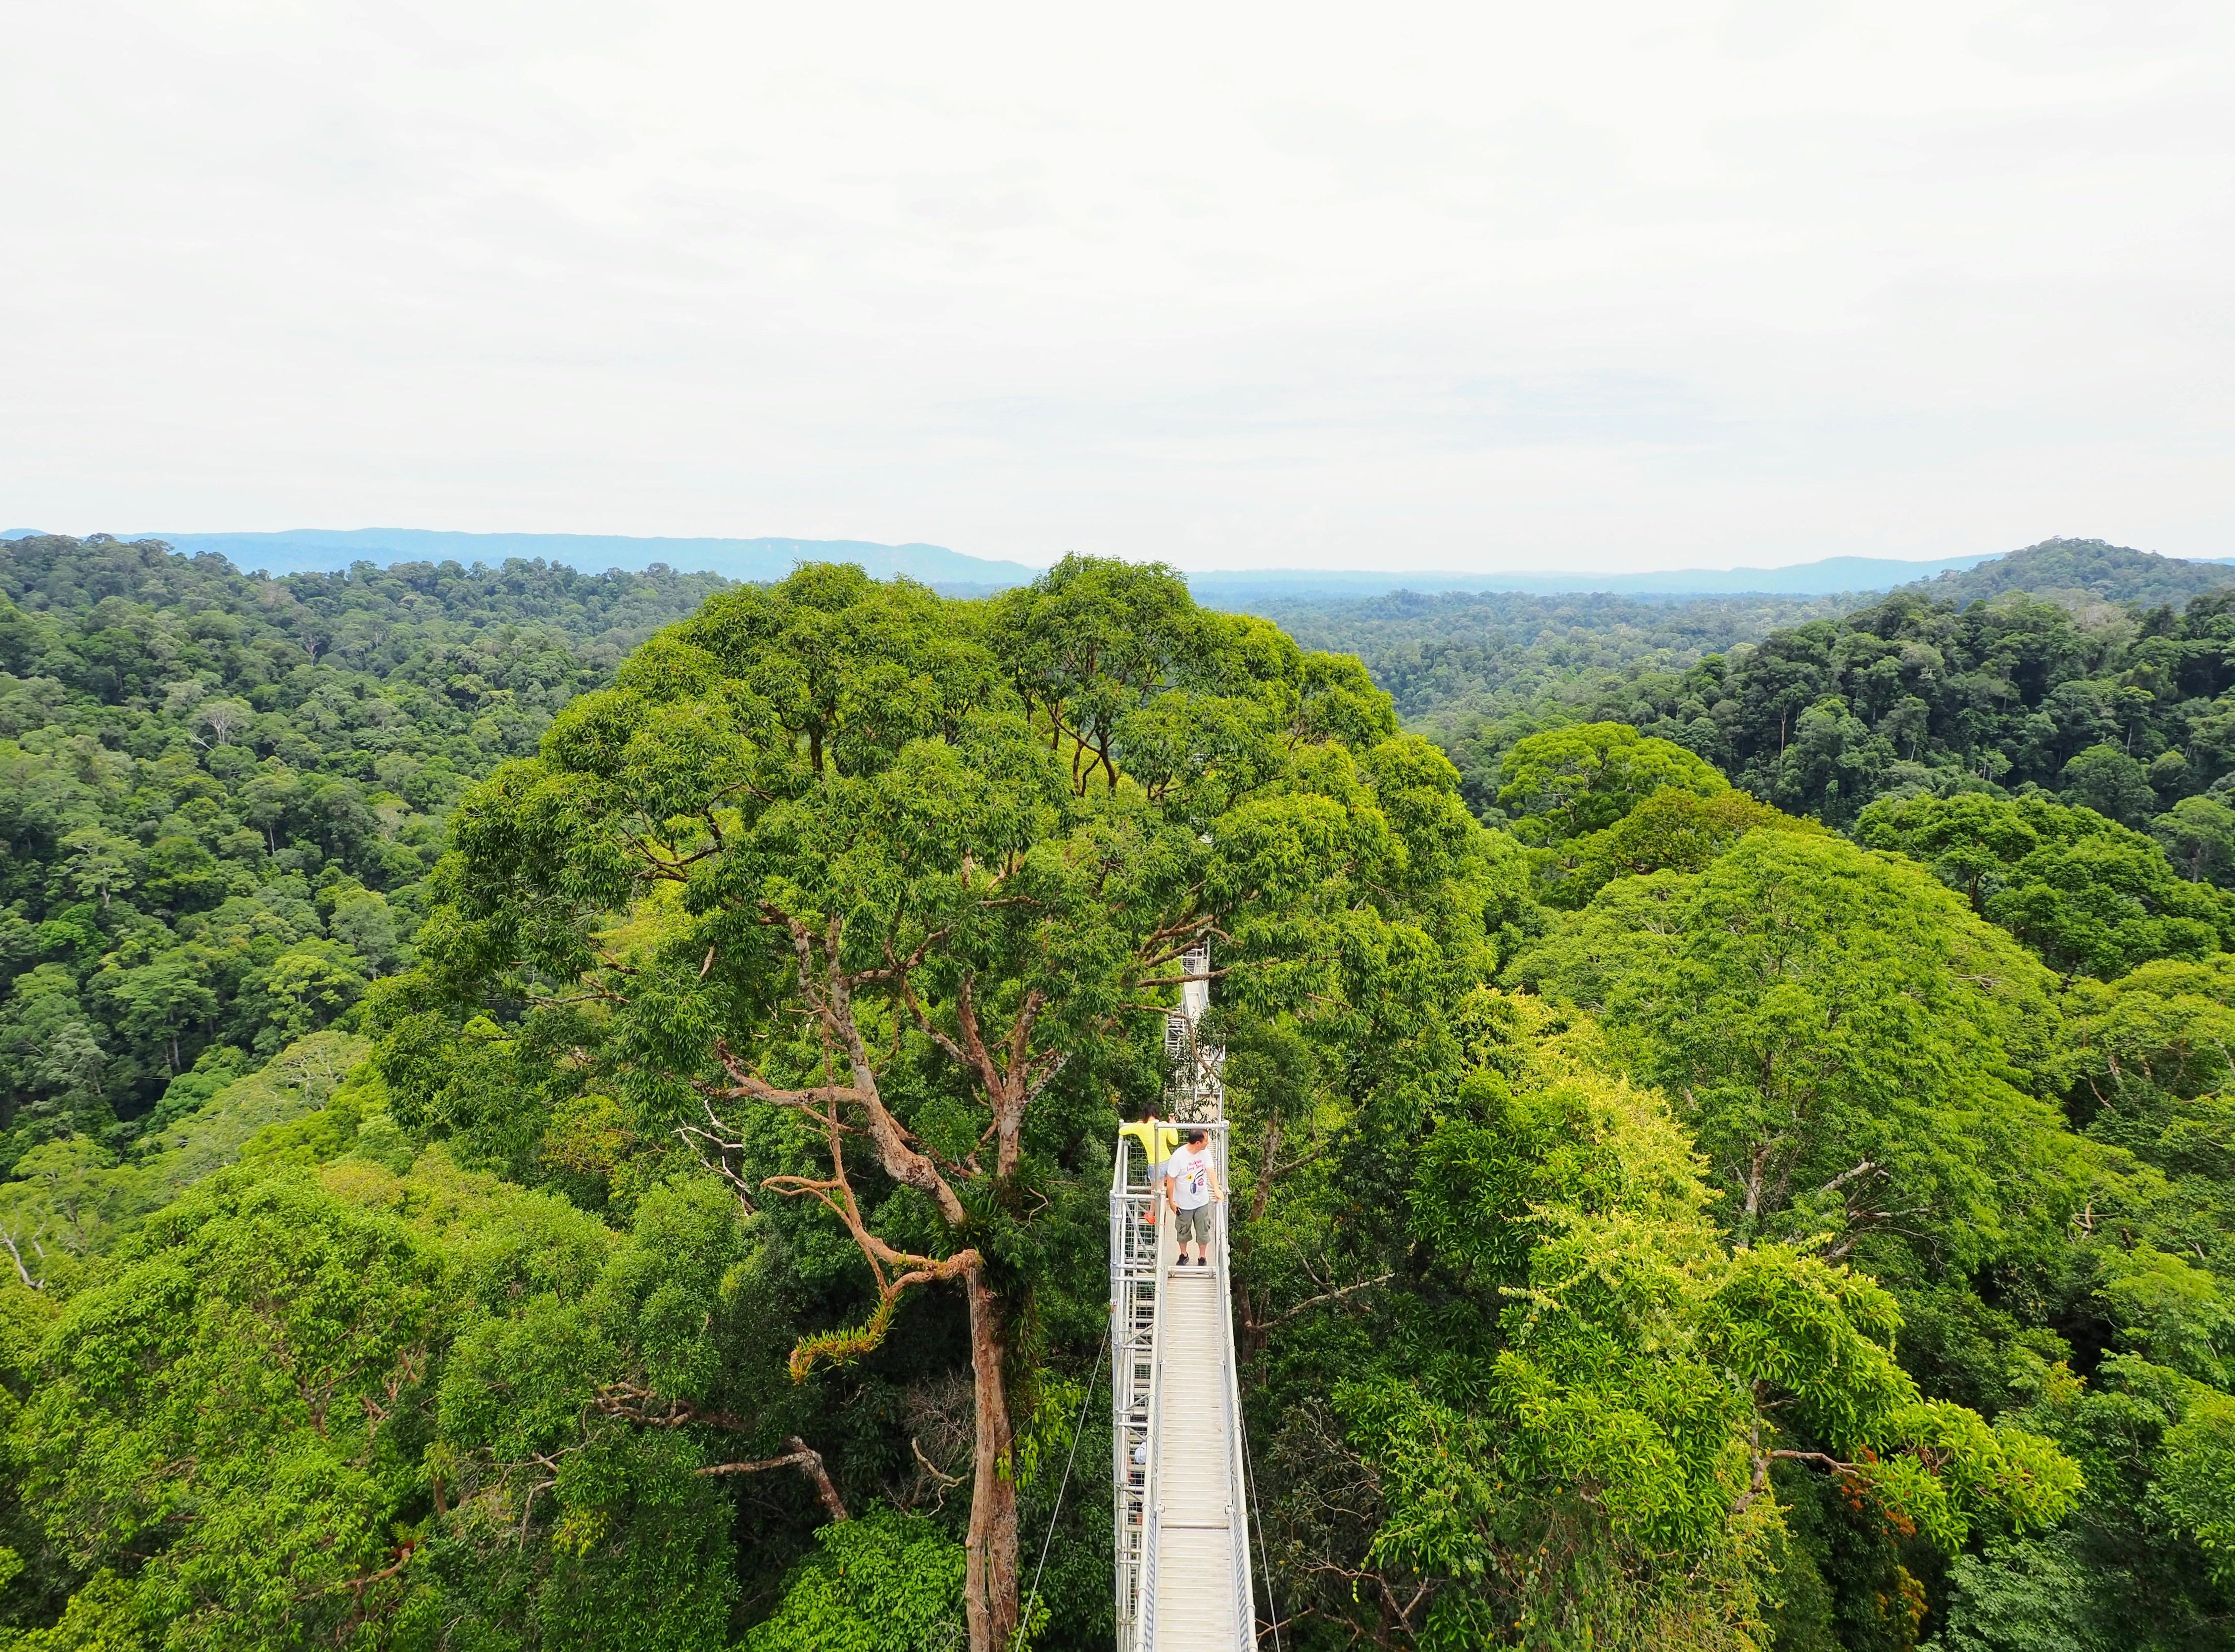 42미터 위에서 내려다본 템부롱 국립공원